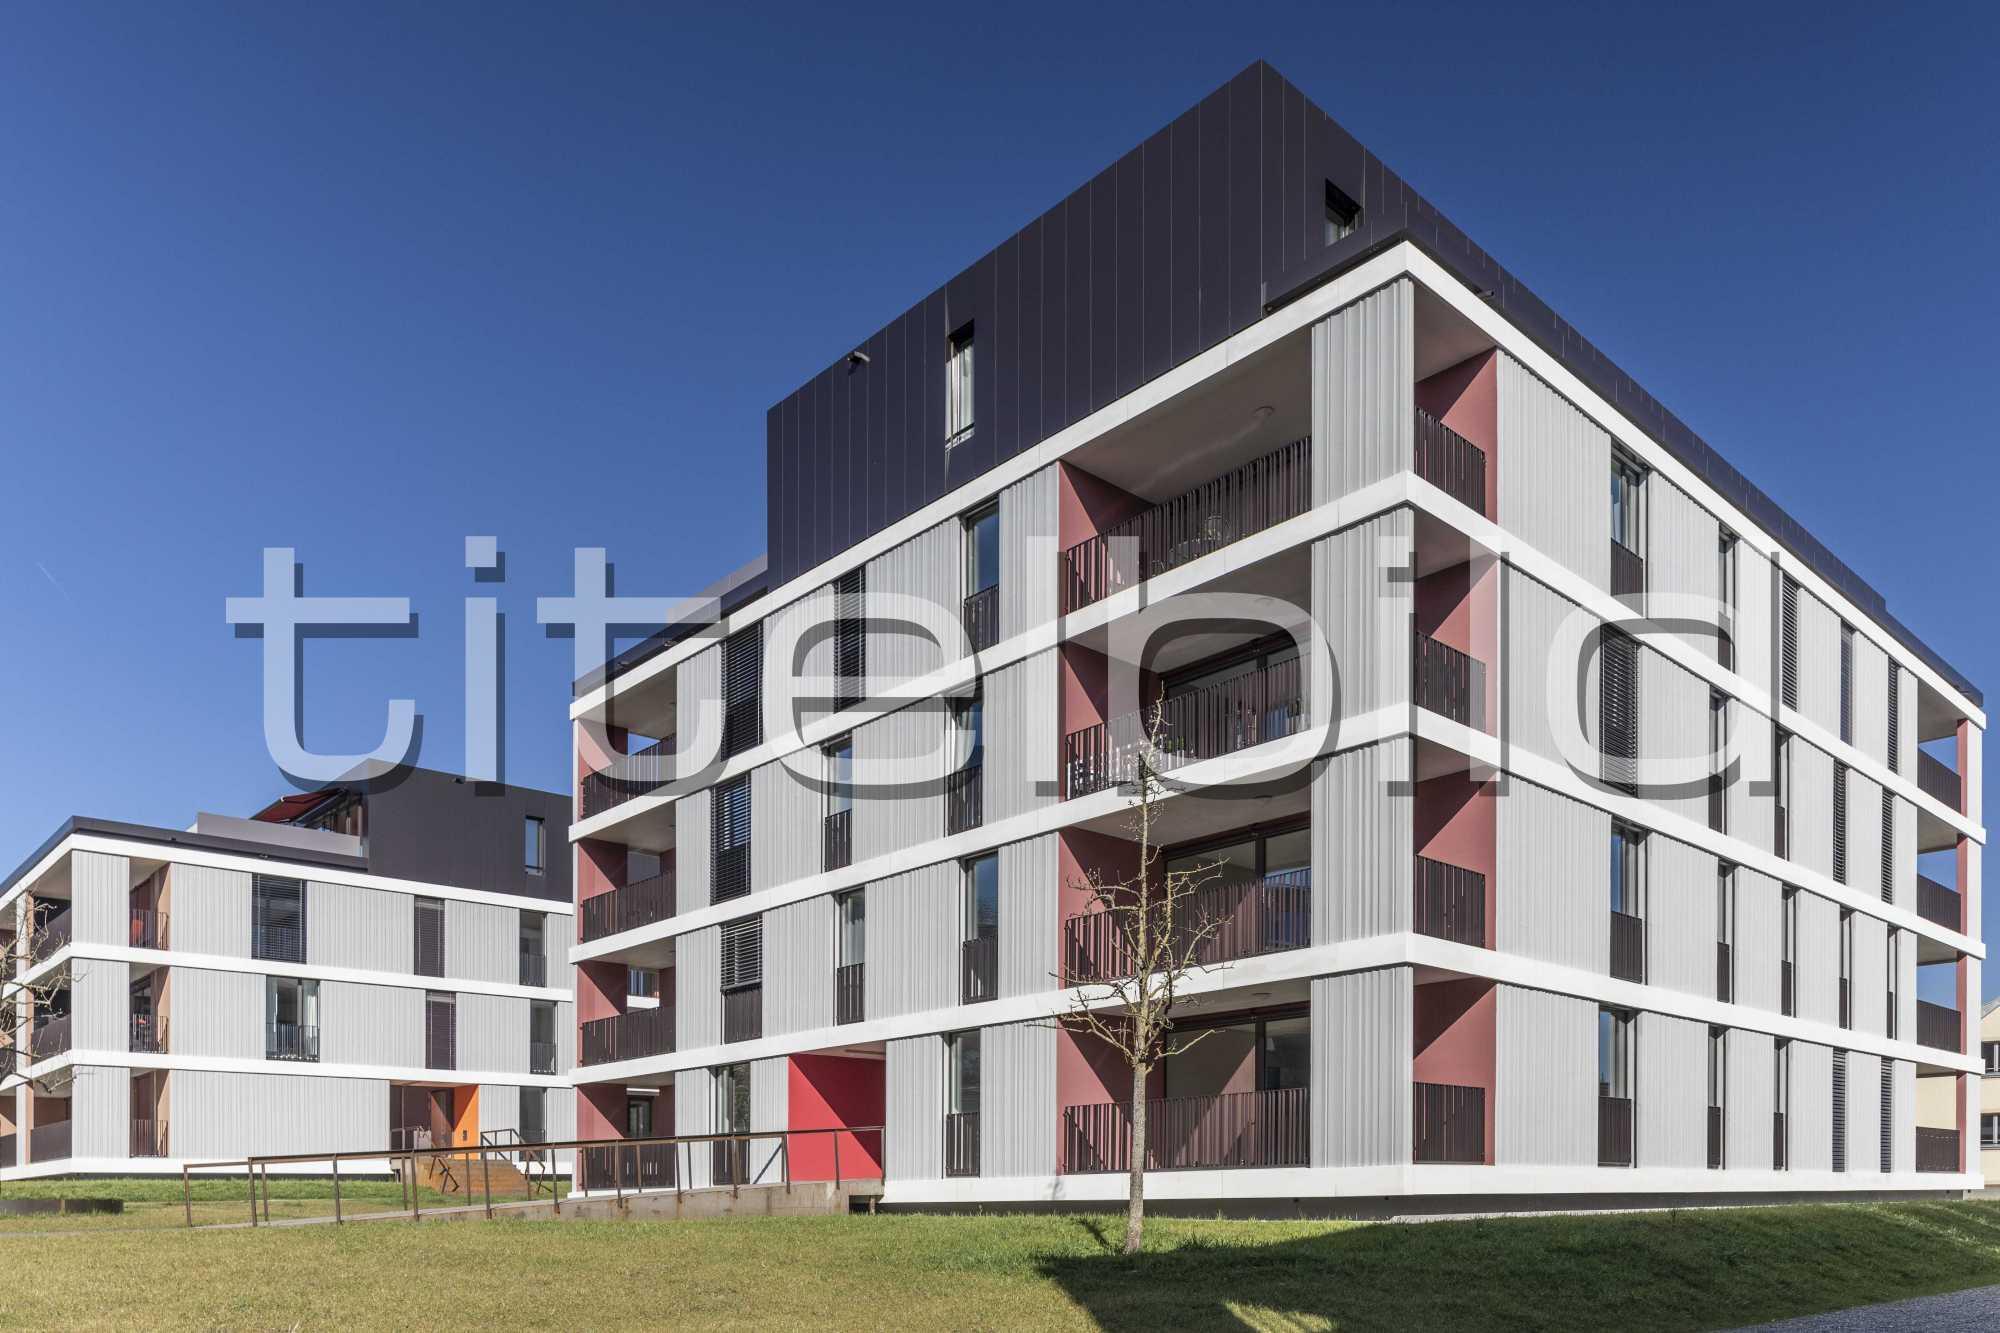 Projektbild-Nr. 7: Esslinger Dreieck